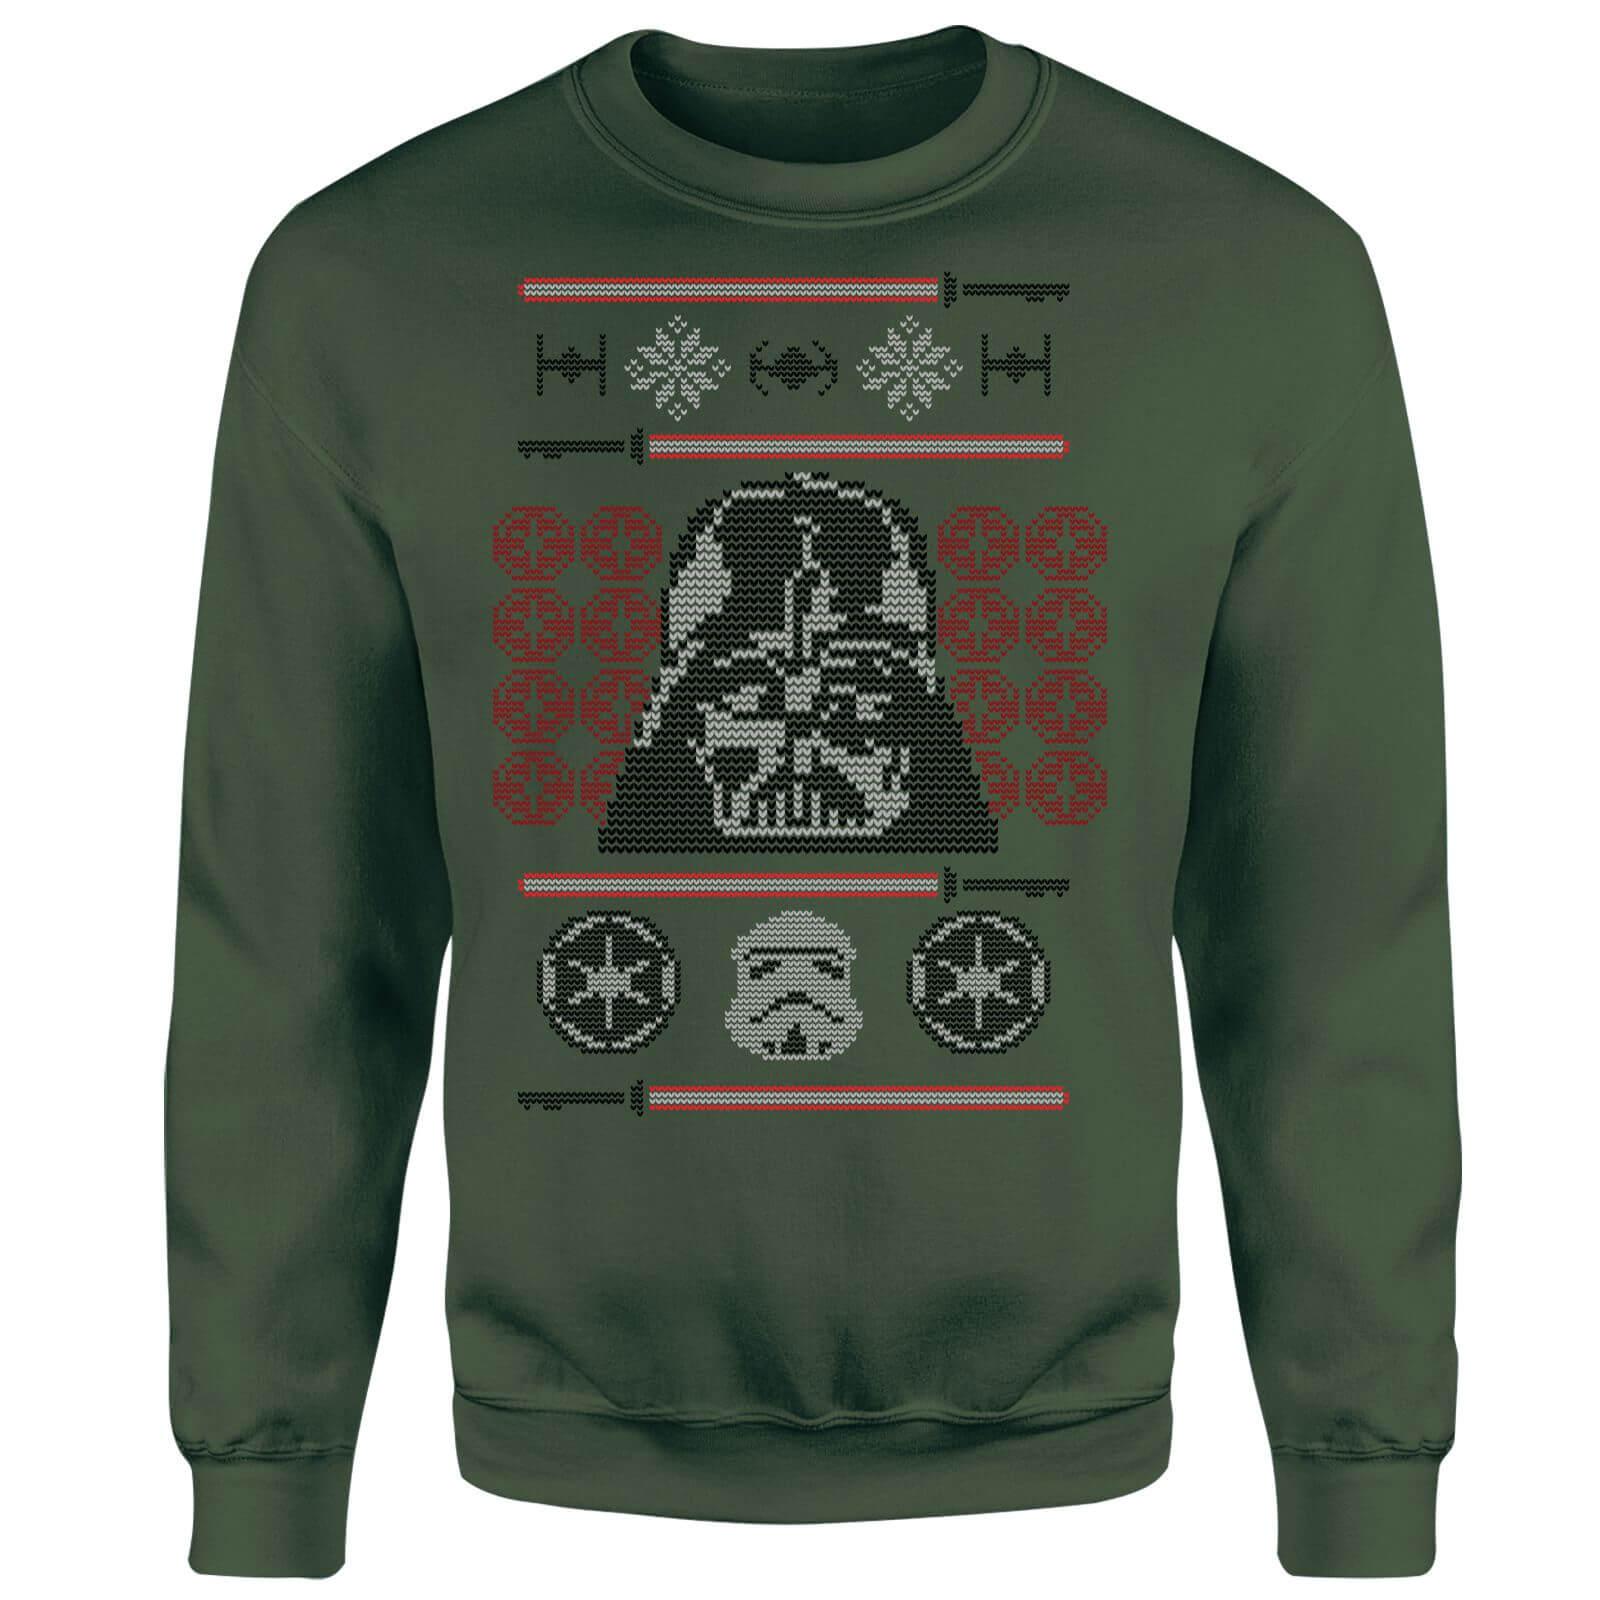 Star Wars Darth Vader kersttrui voor €20,99 + gratis verzending @Zavvi